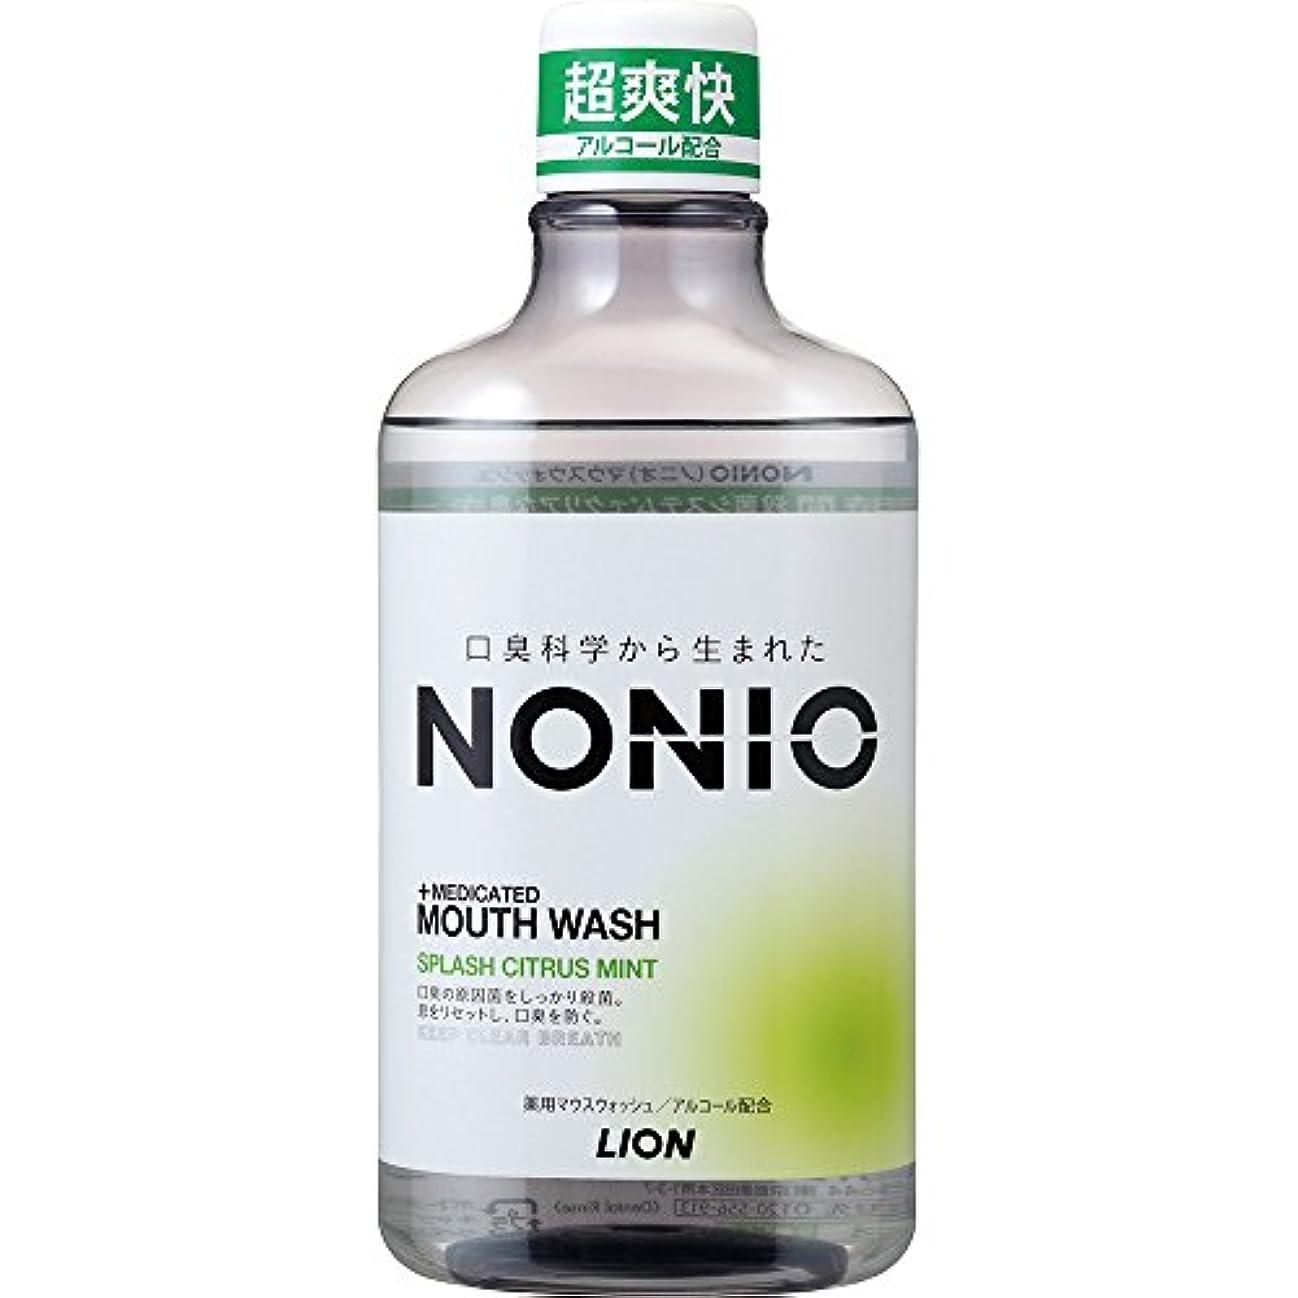 散逸閲覧するキロメートル[医薬部外品]NONIO マウスウォッシュ スプラッシュシトラスミント 600ml 洗口液